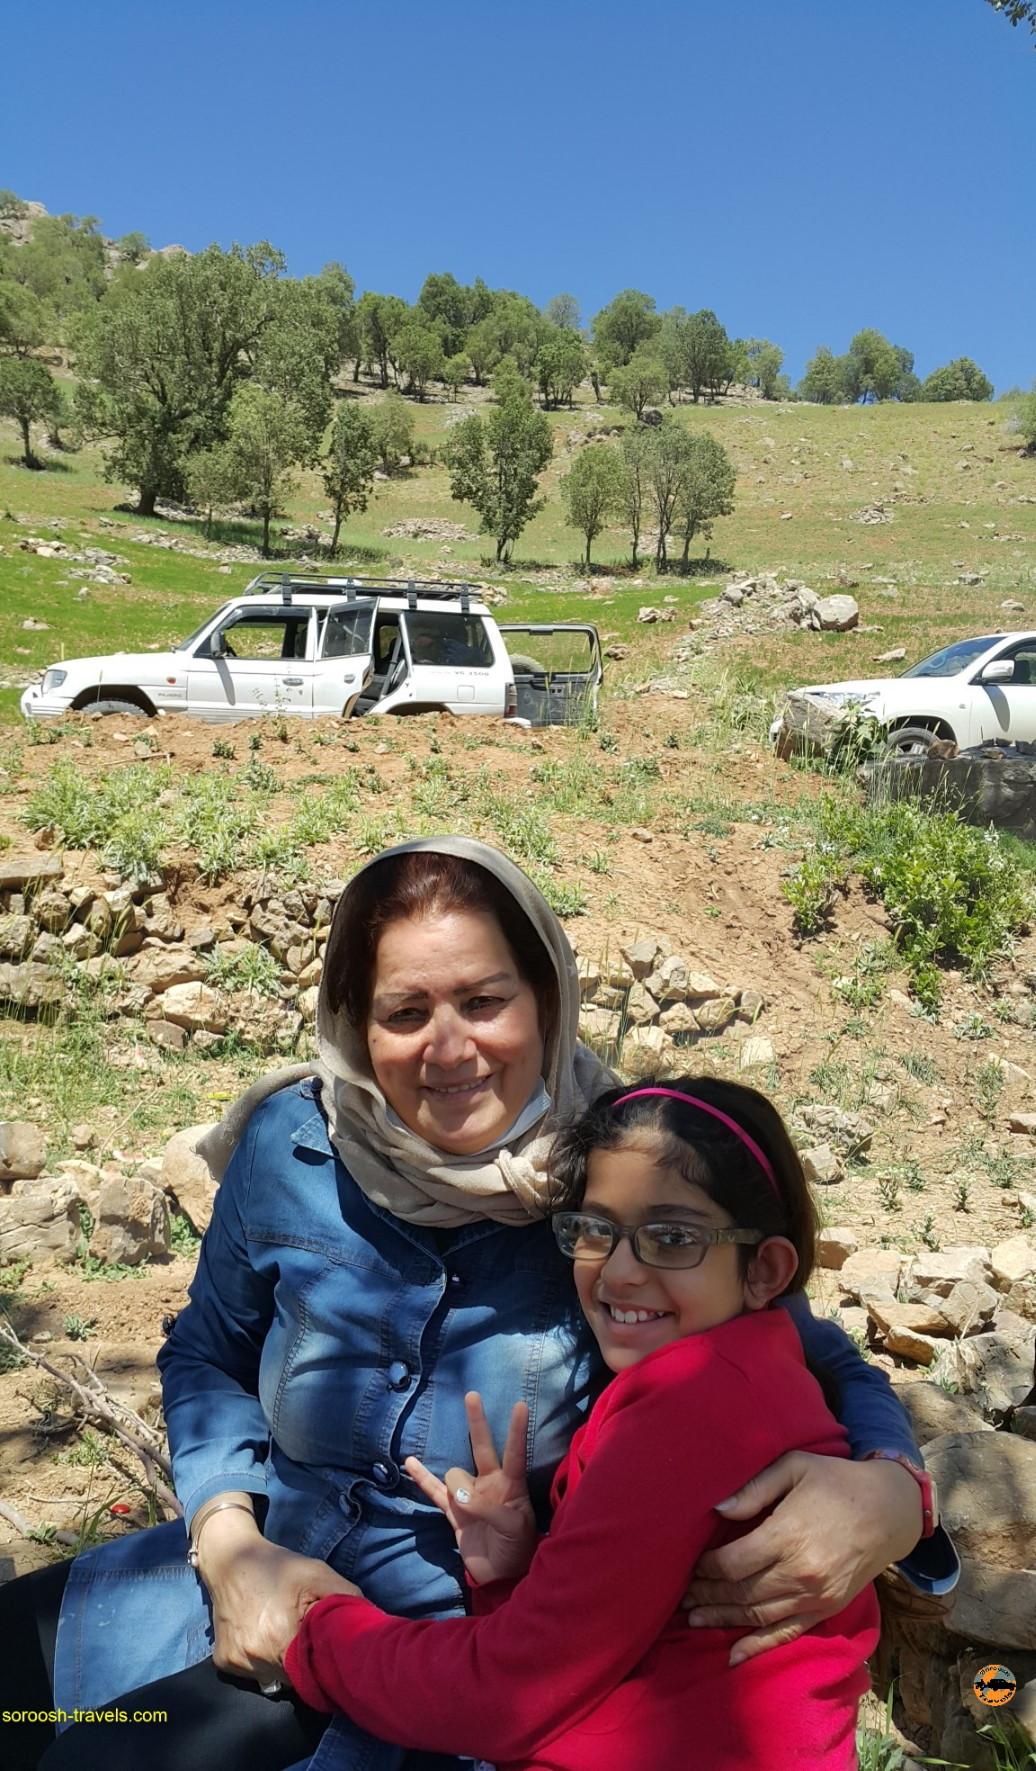 کوهستانهای زاگرس شگفت انگیز - خرداد ۱۳۹۶